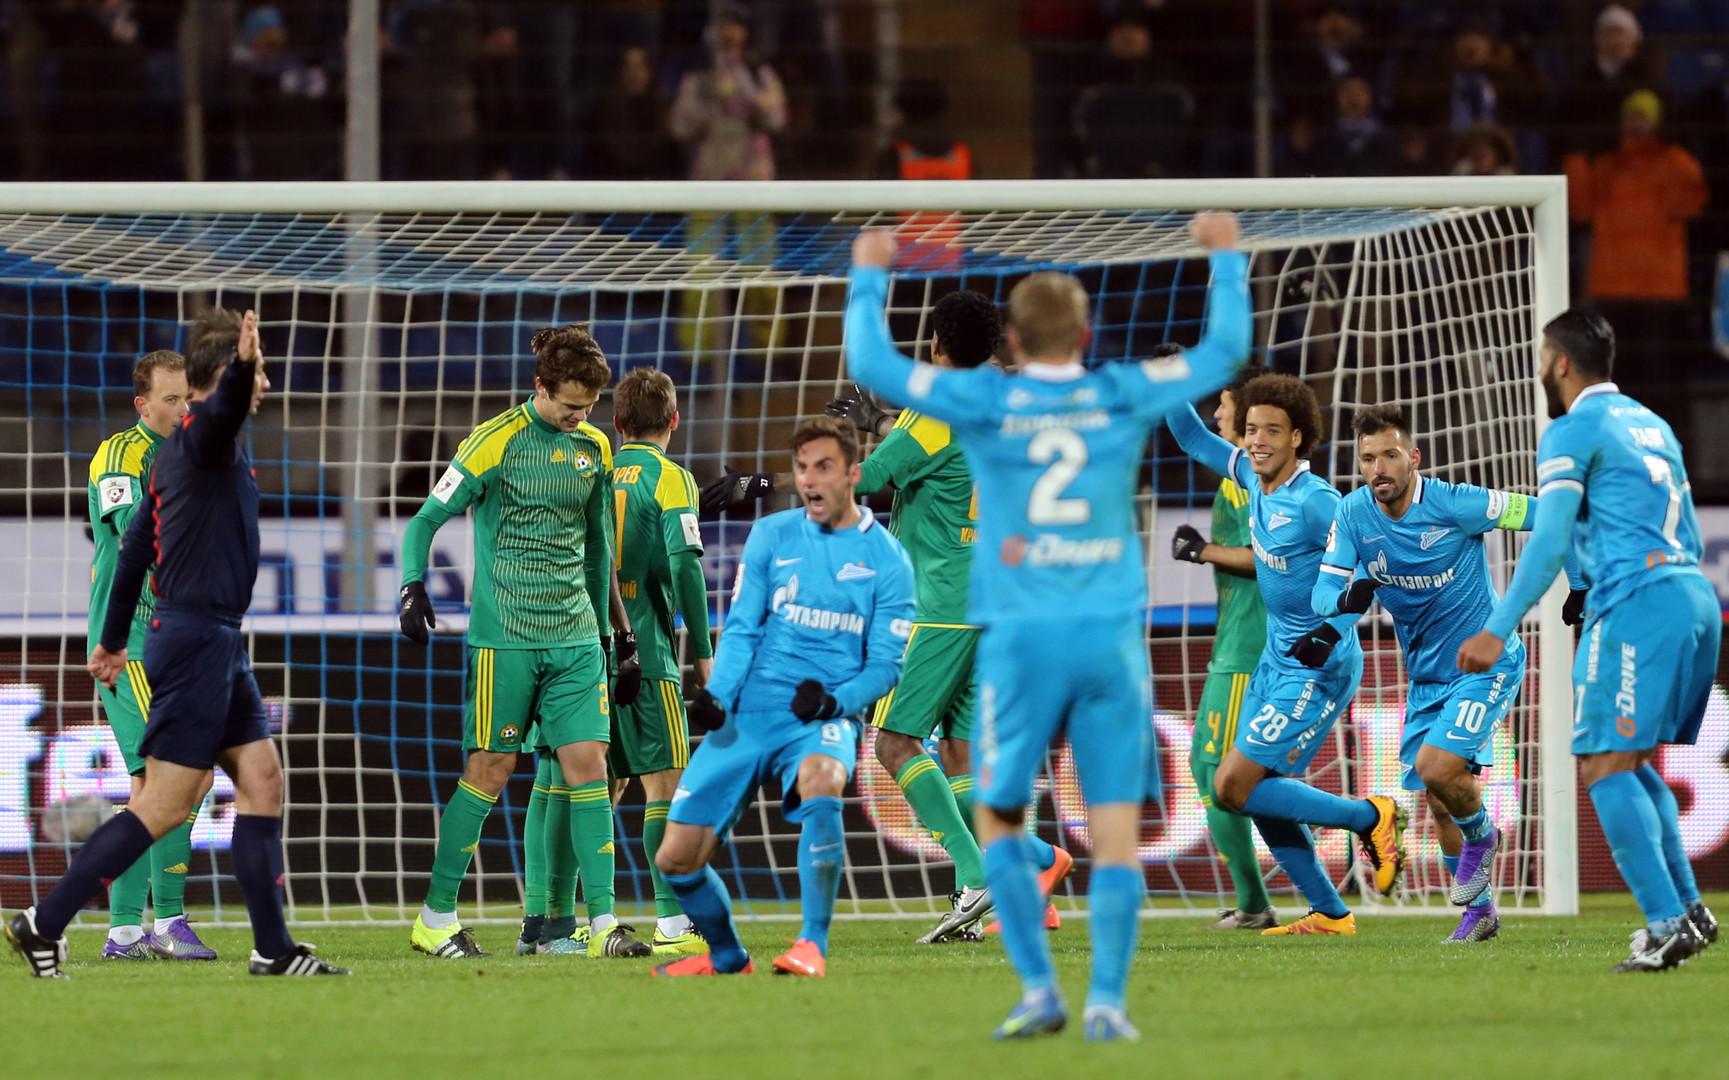 José Mauricio bejubelt sein Tor während eines Spiels zwischen seinem Verein FC Zenit St. Petersburg und FC Kuban Krasnodar.